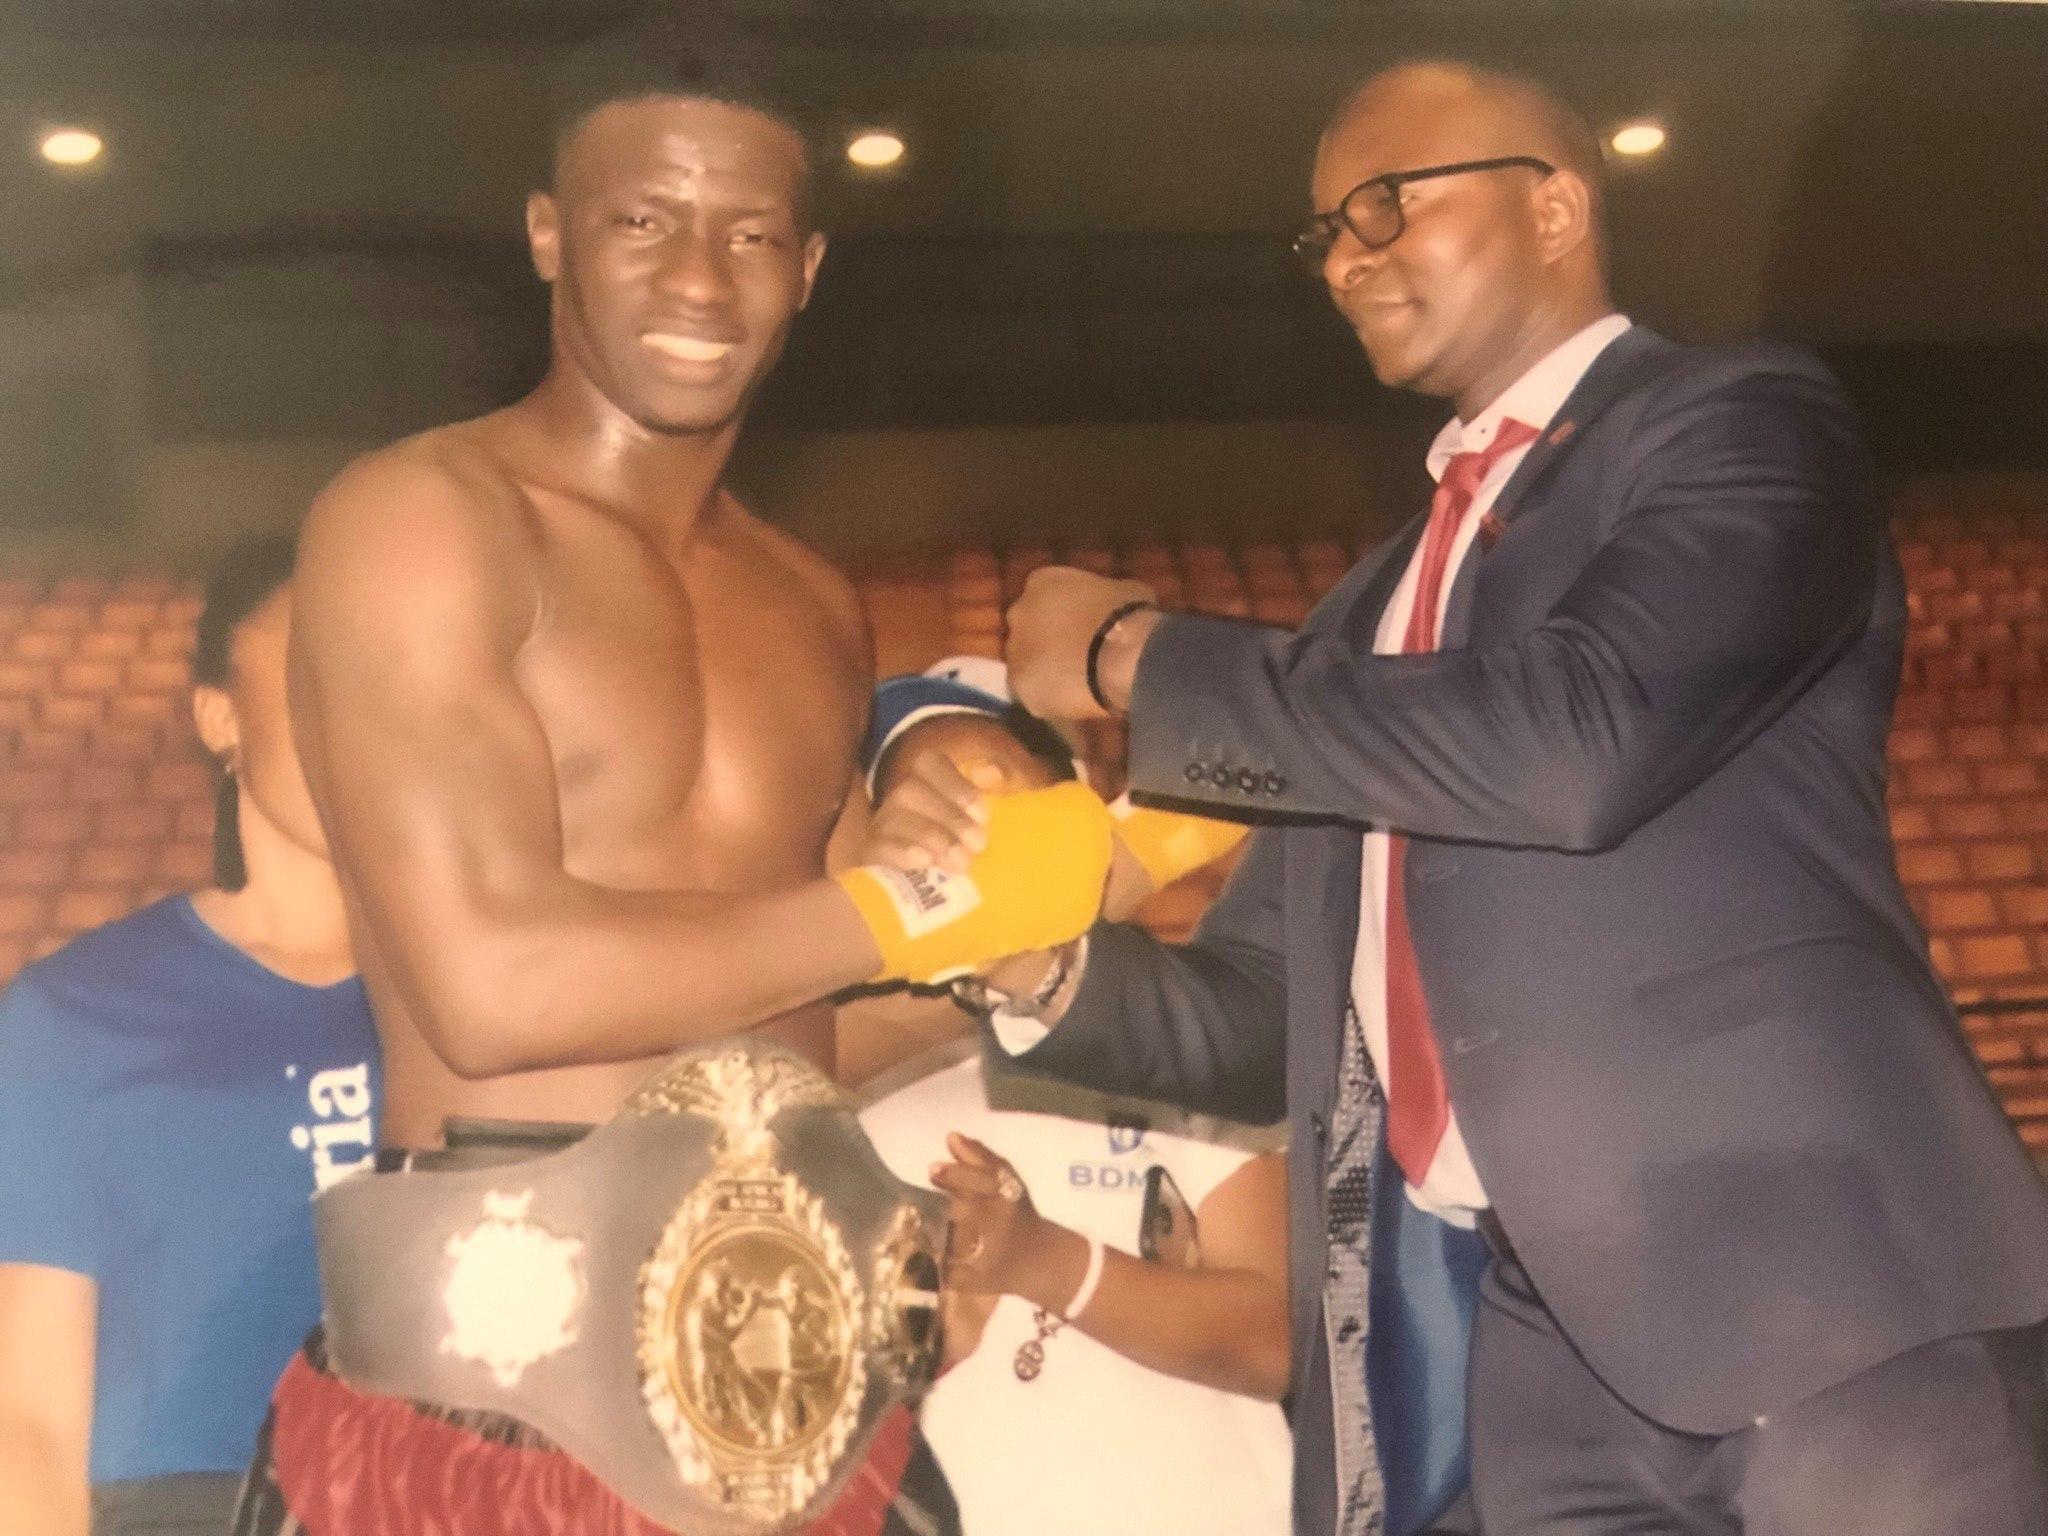 Boxe, pape Mamadou Sow, Photos, Sénégal, Sports